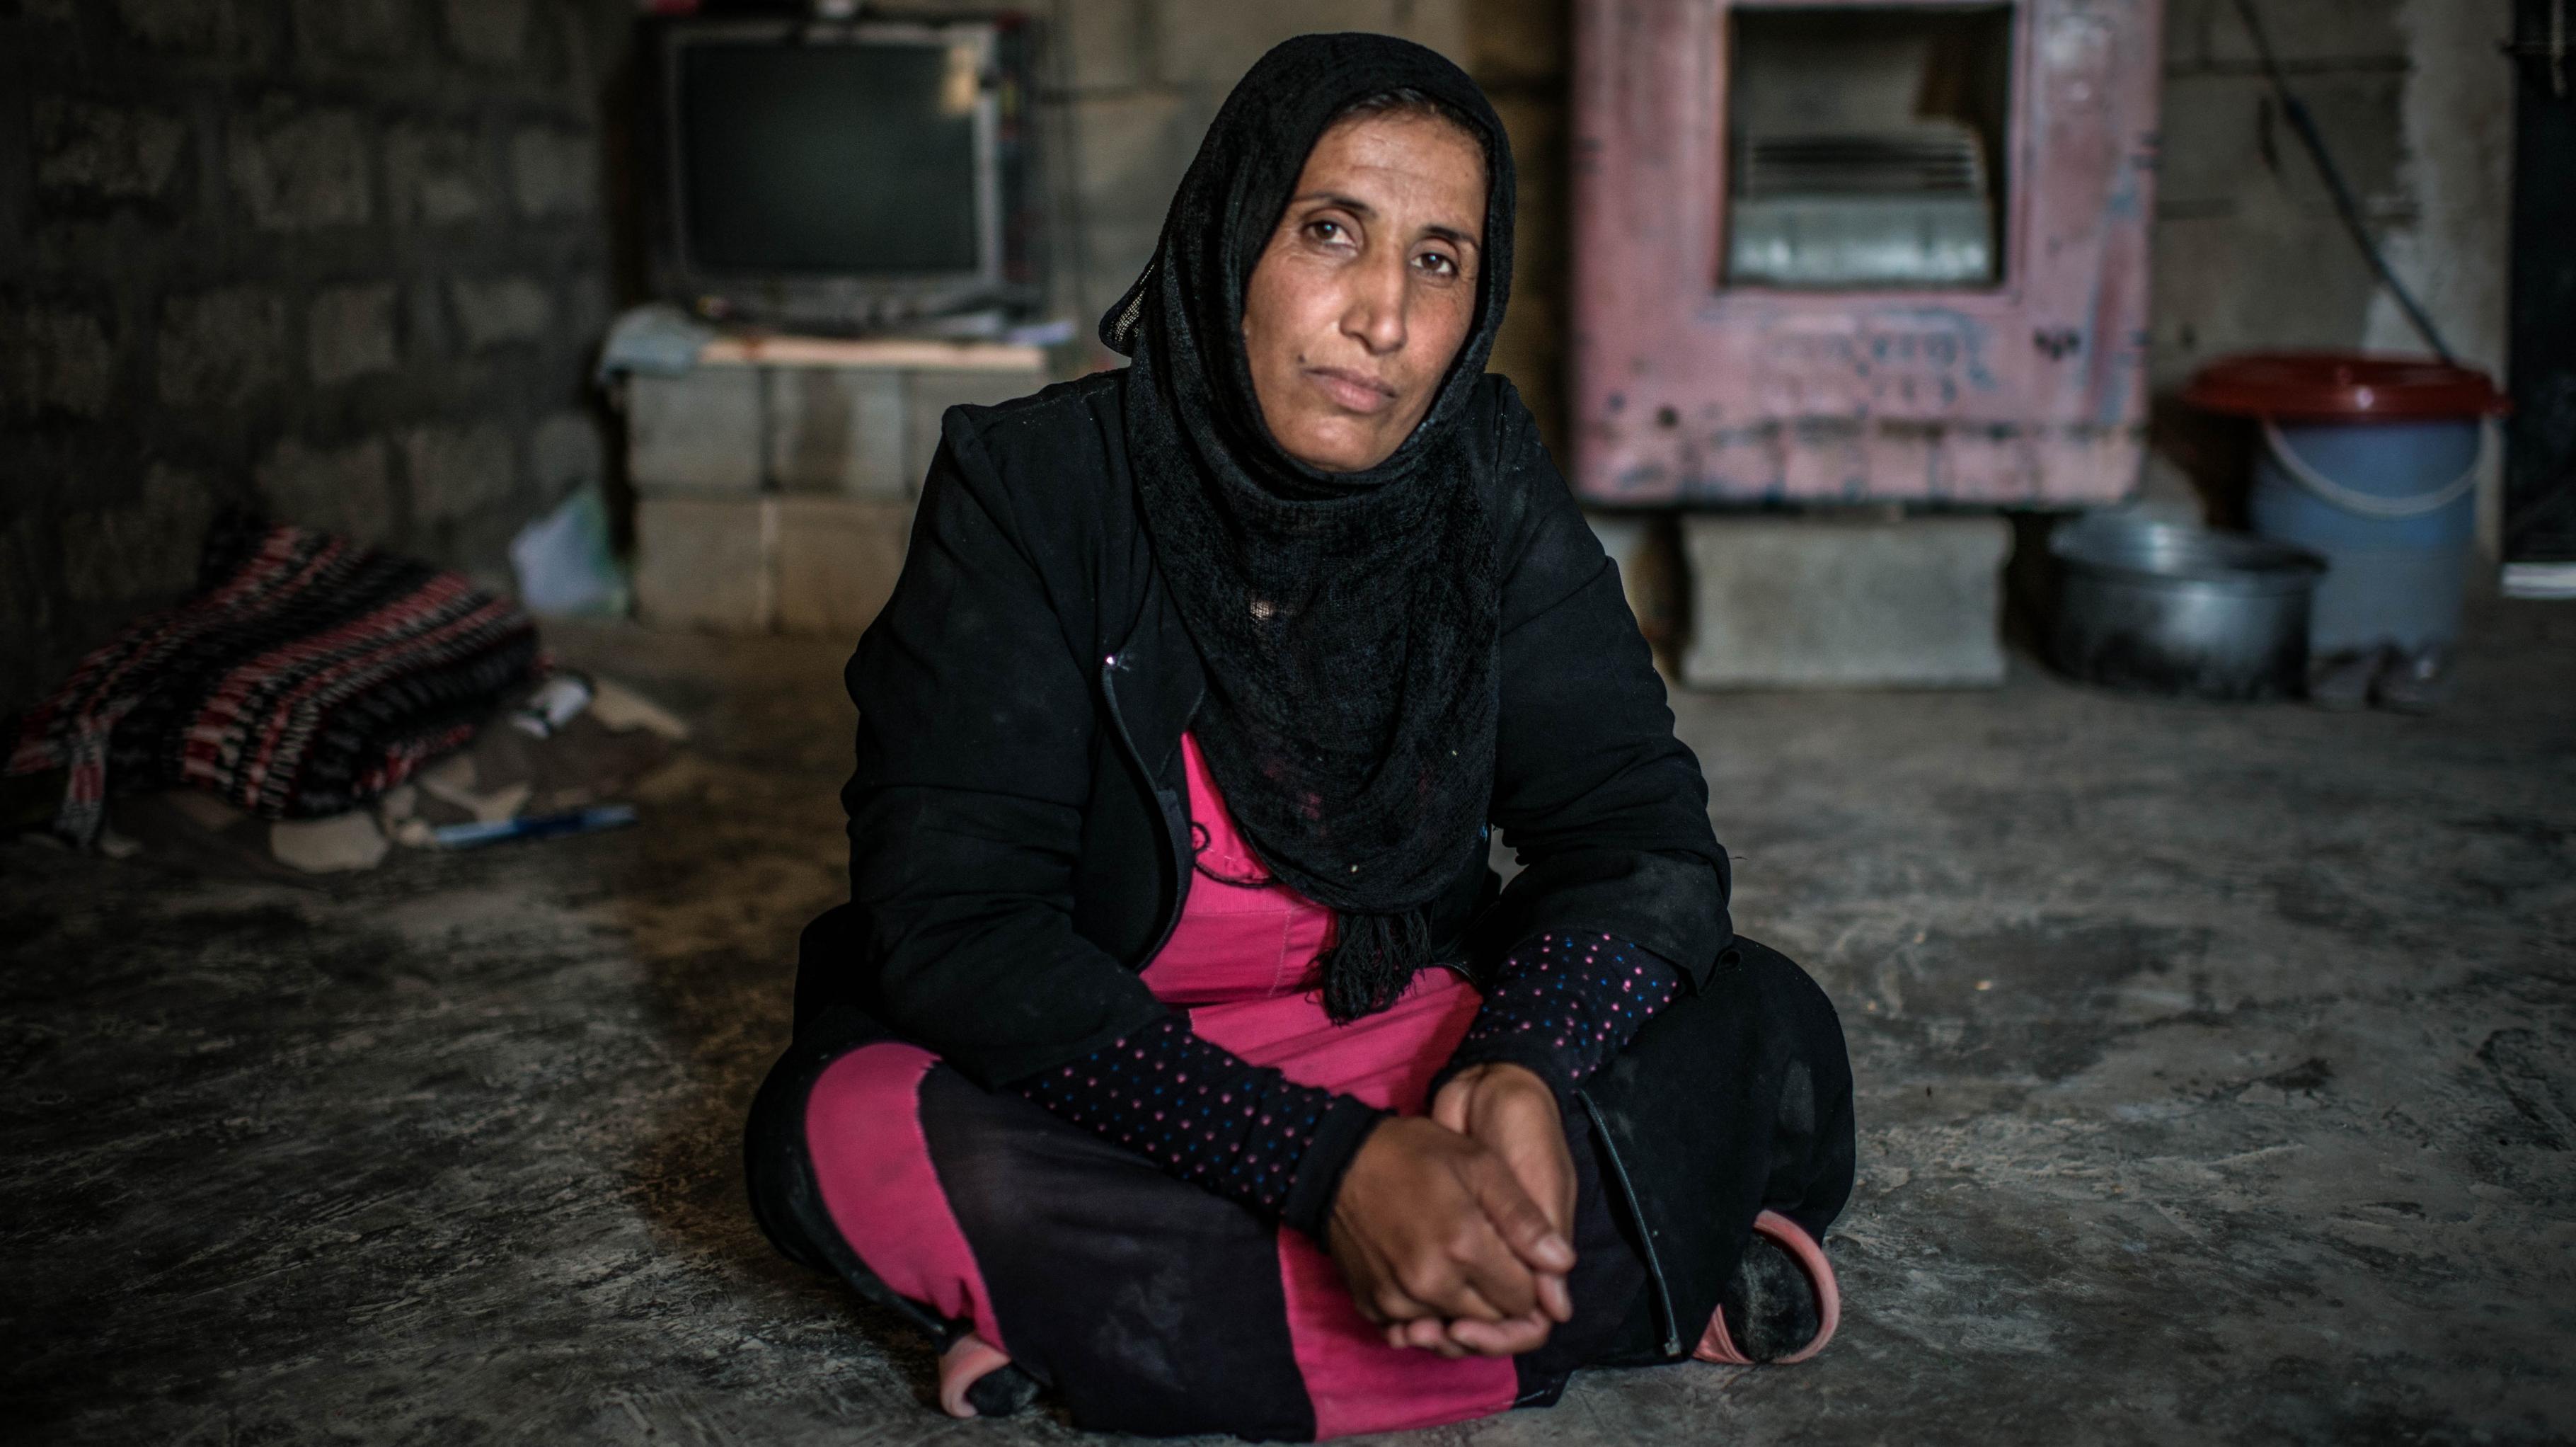 Wafaa sitzt auf dem Boden des kleinen Hauses, das sie derzeit mit ihrer Familie bewohnt.